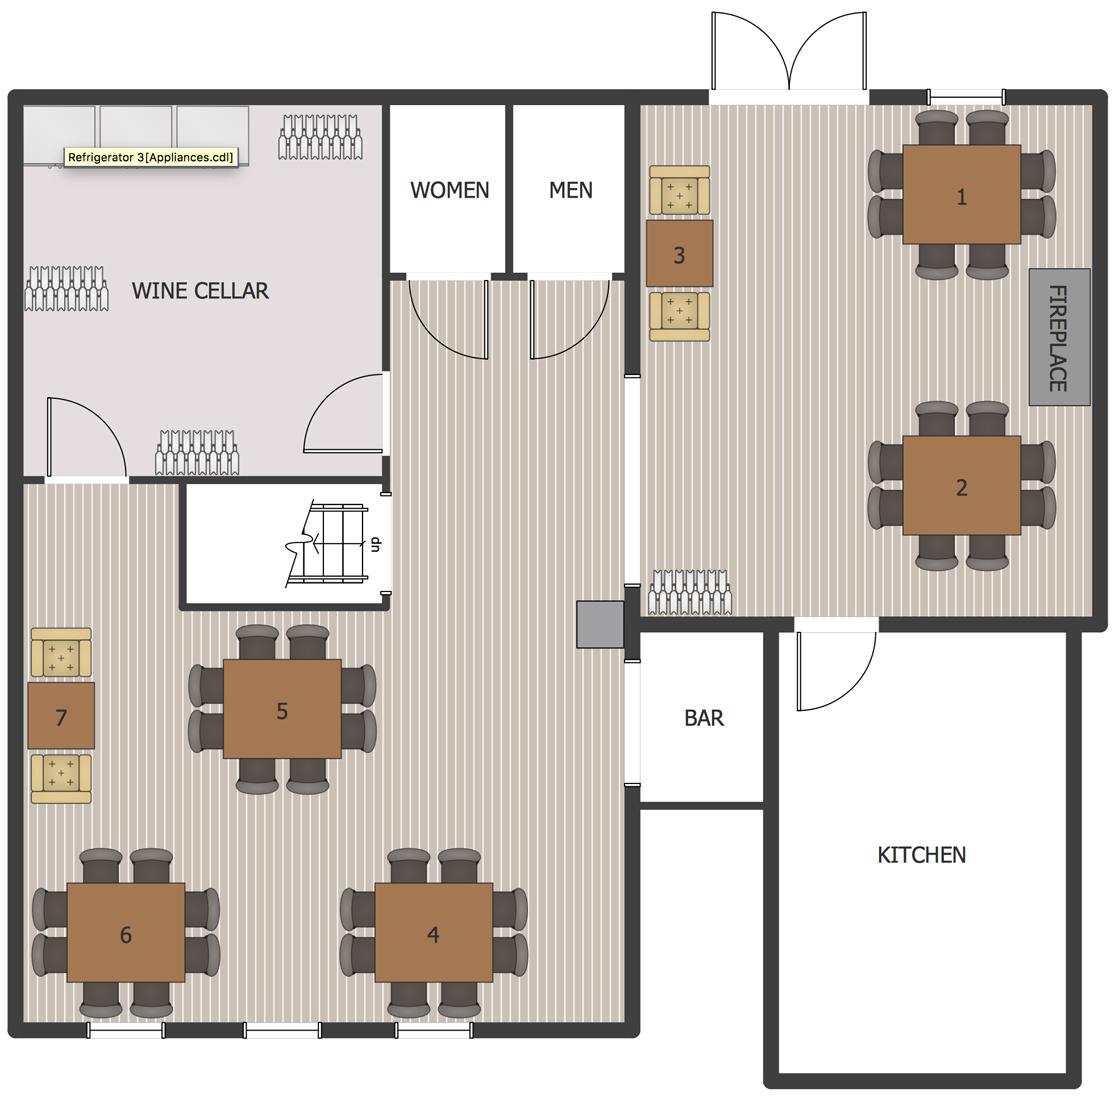 Wine Cellar Floor Plan Restaurant Floor Plan Cafe Floor Plan Restaurant Flooring